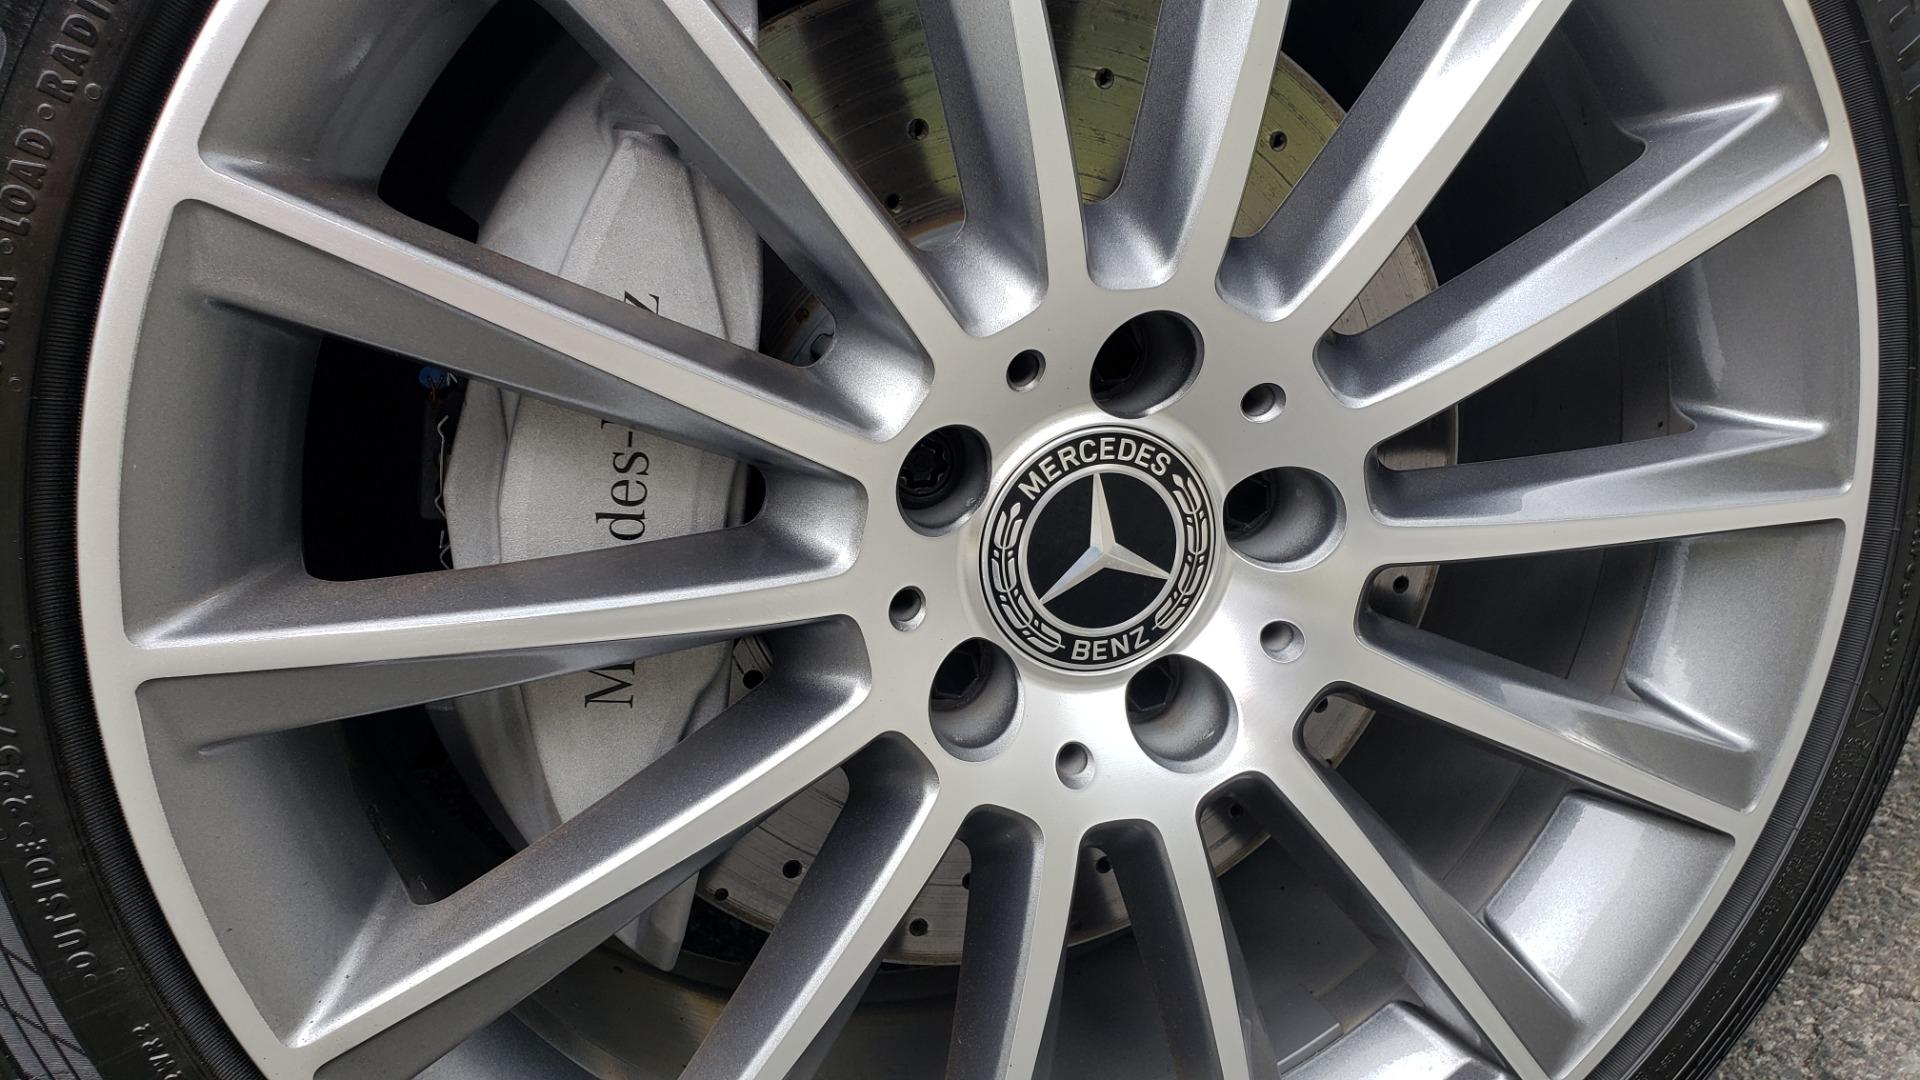 Used 2019 Mercedes-Benz C-CLASS C 300 CABRIOLET / PREM PKG / NAV / BURMESTER / MULTIMEDIA for sale $49,995 at Formula Imports in Charlotte NC 28227 89